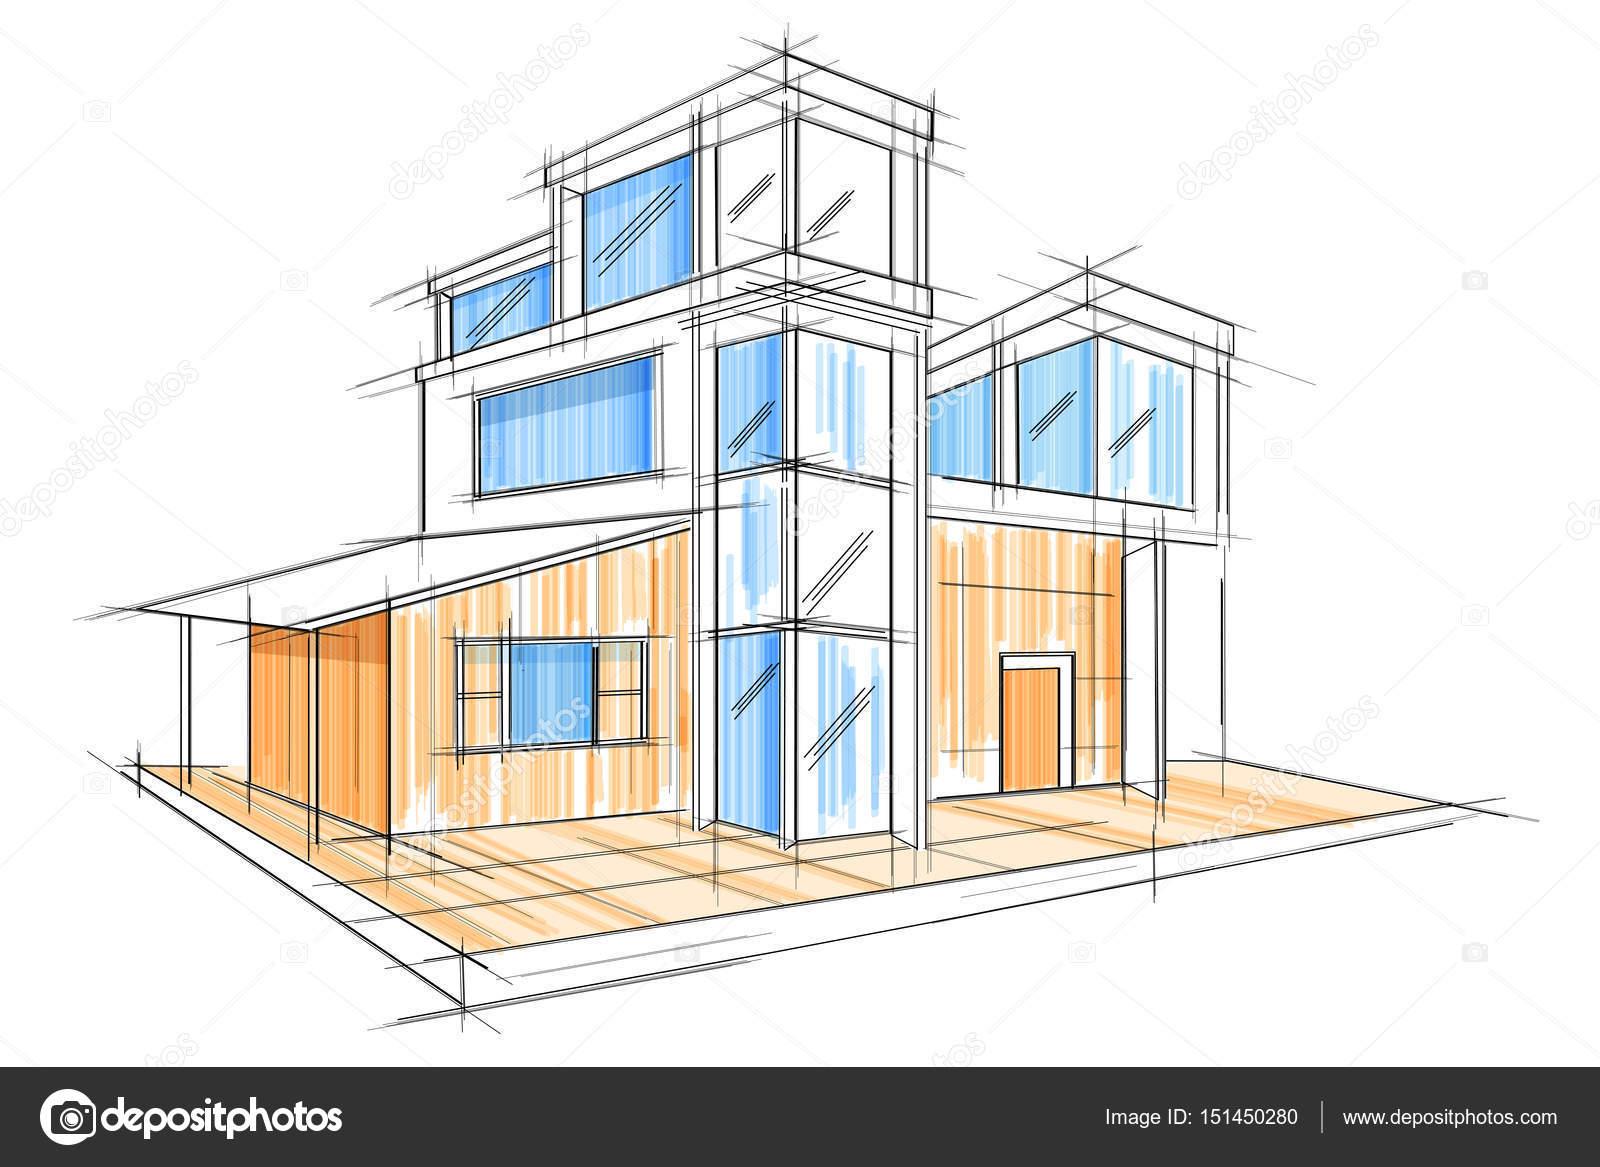 Schets van de buitenkant ontwerp blauwdruk bouwontwerp